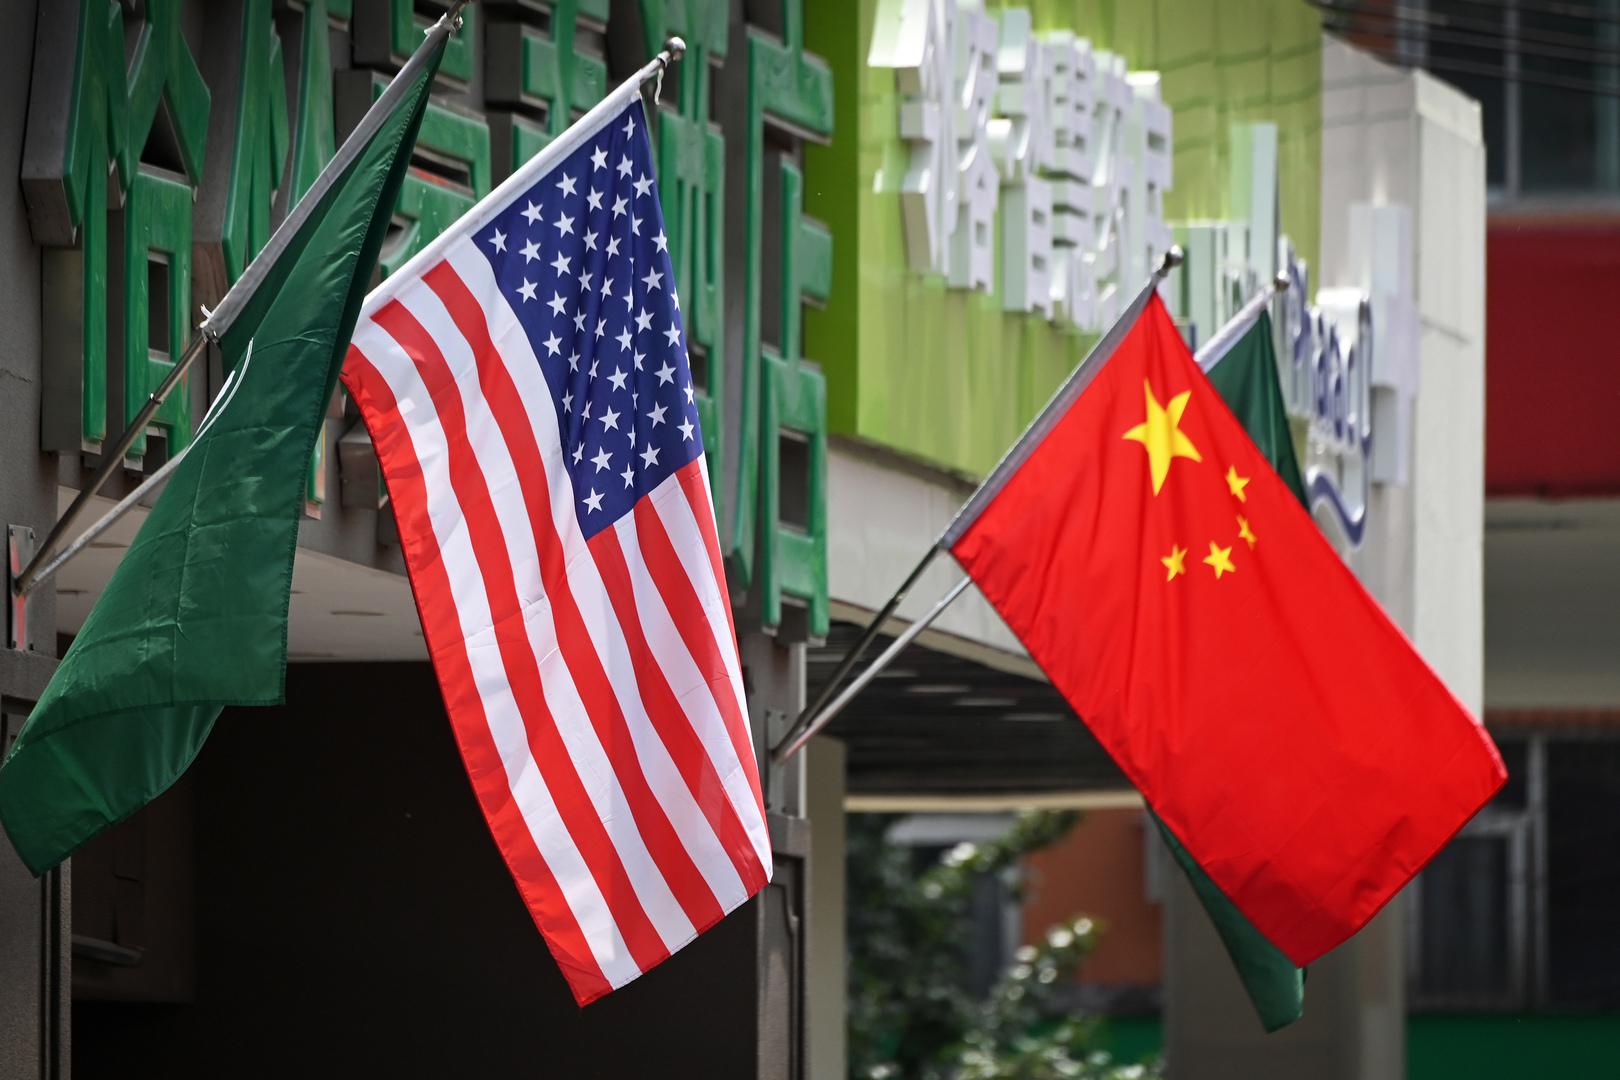 رد دبلوماسي من بكين على تهديدات ترامب بقطع كافة العلاقات مع الصين